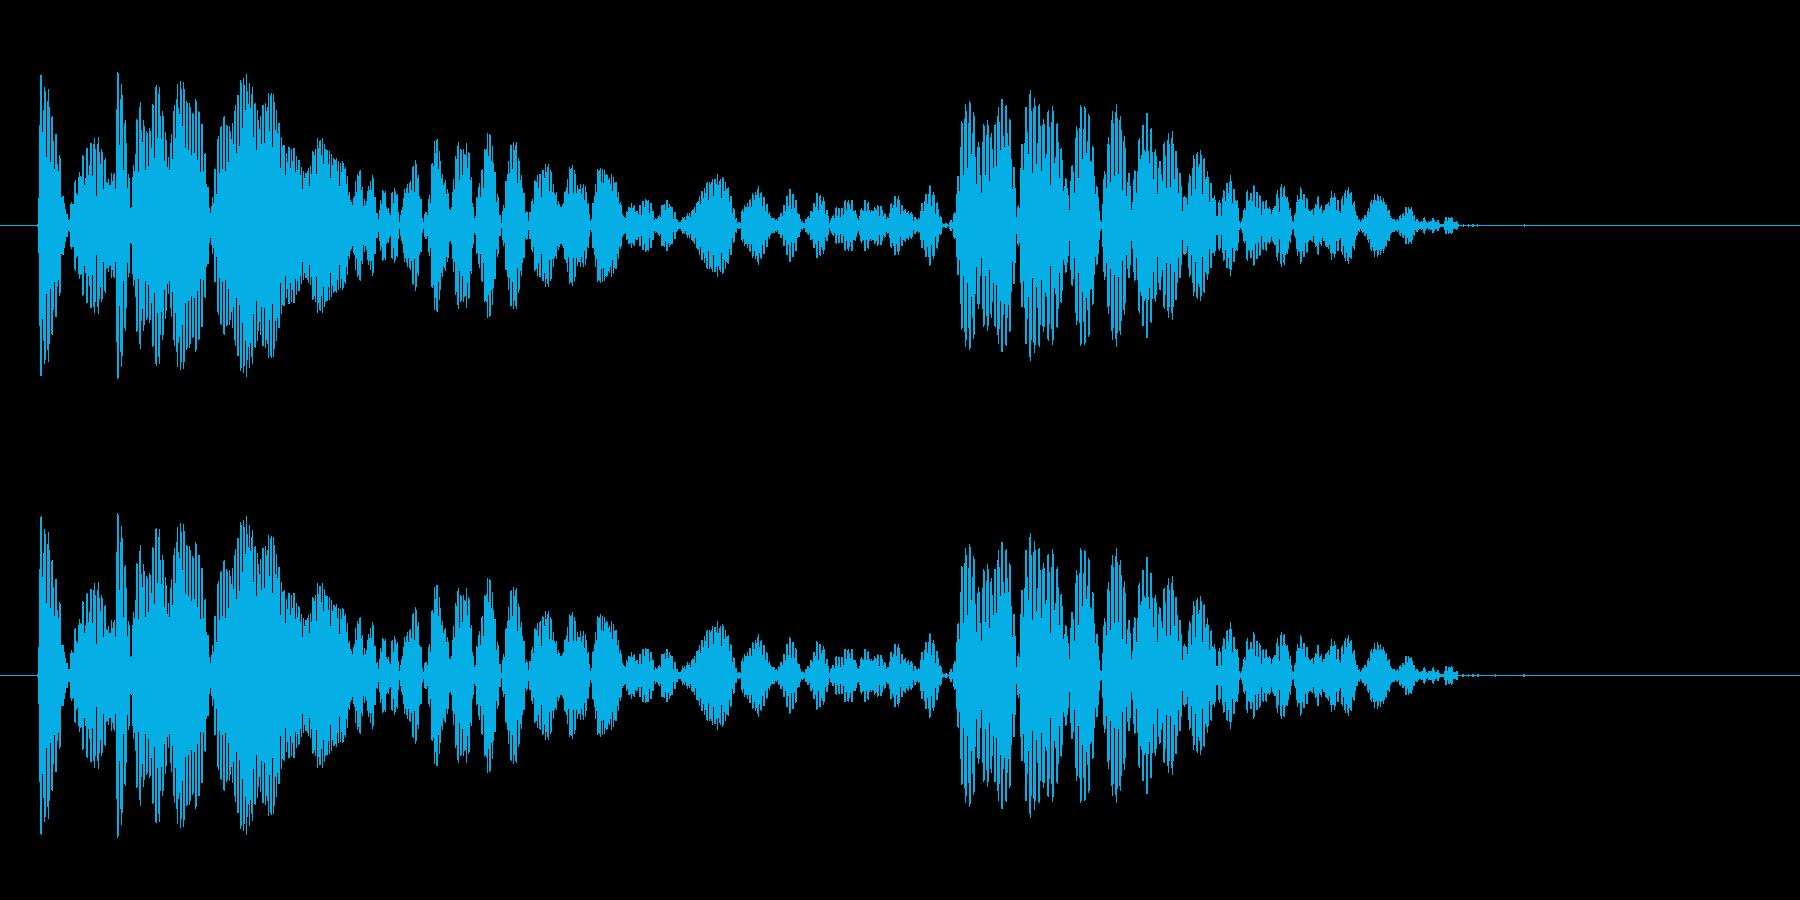 プワァ〜ワ(風船が弾むような音)の再生済みの波形